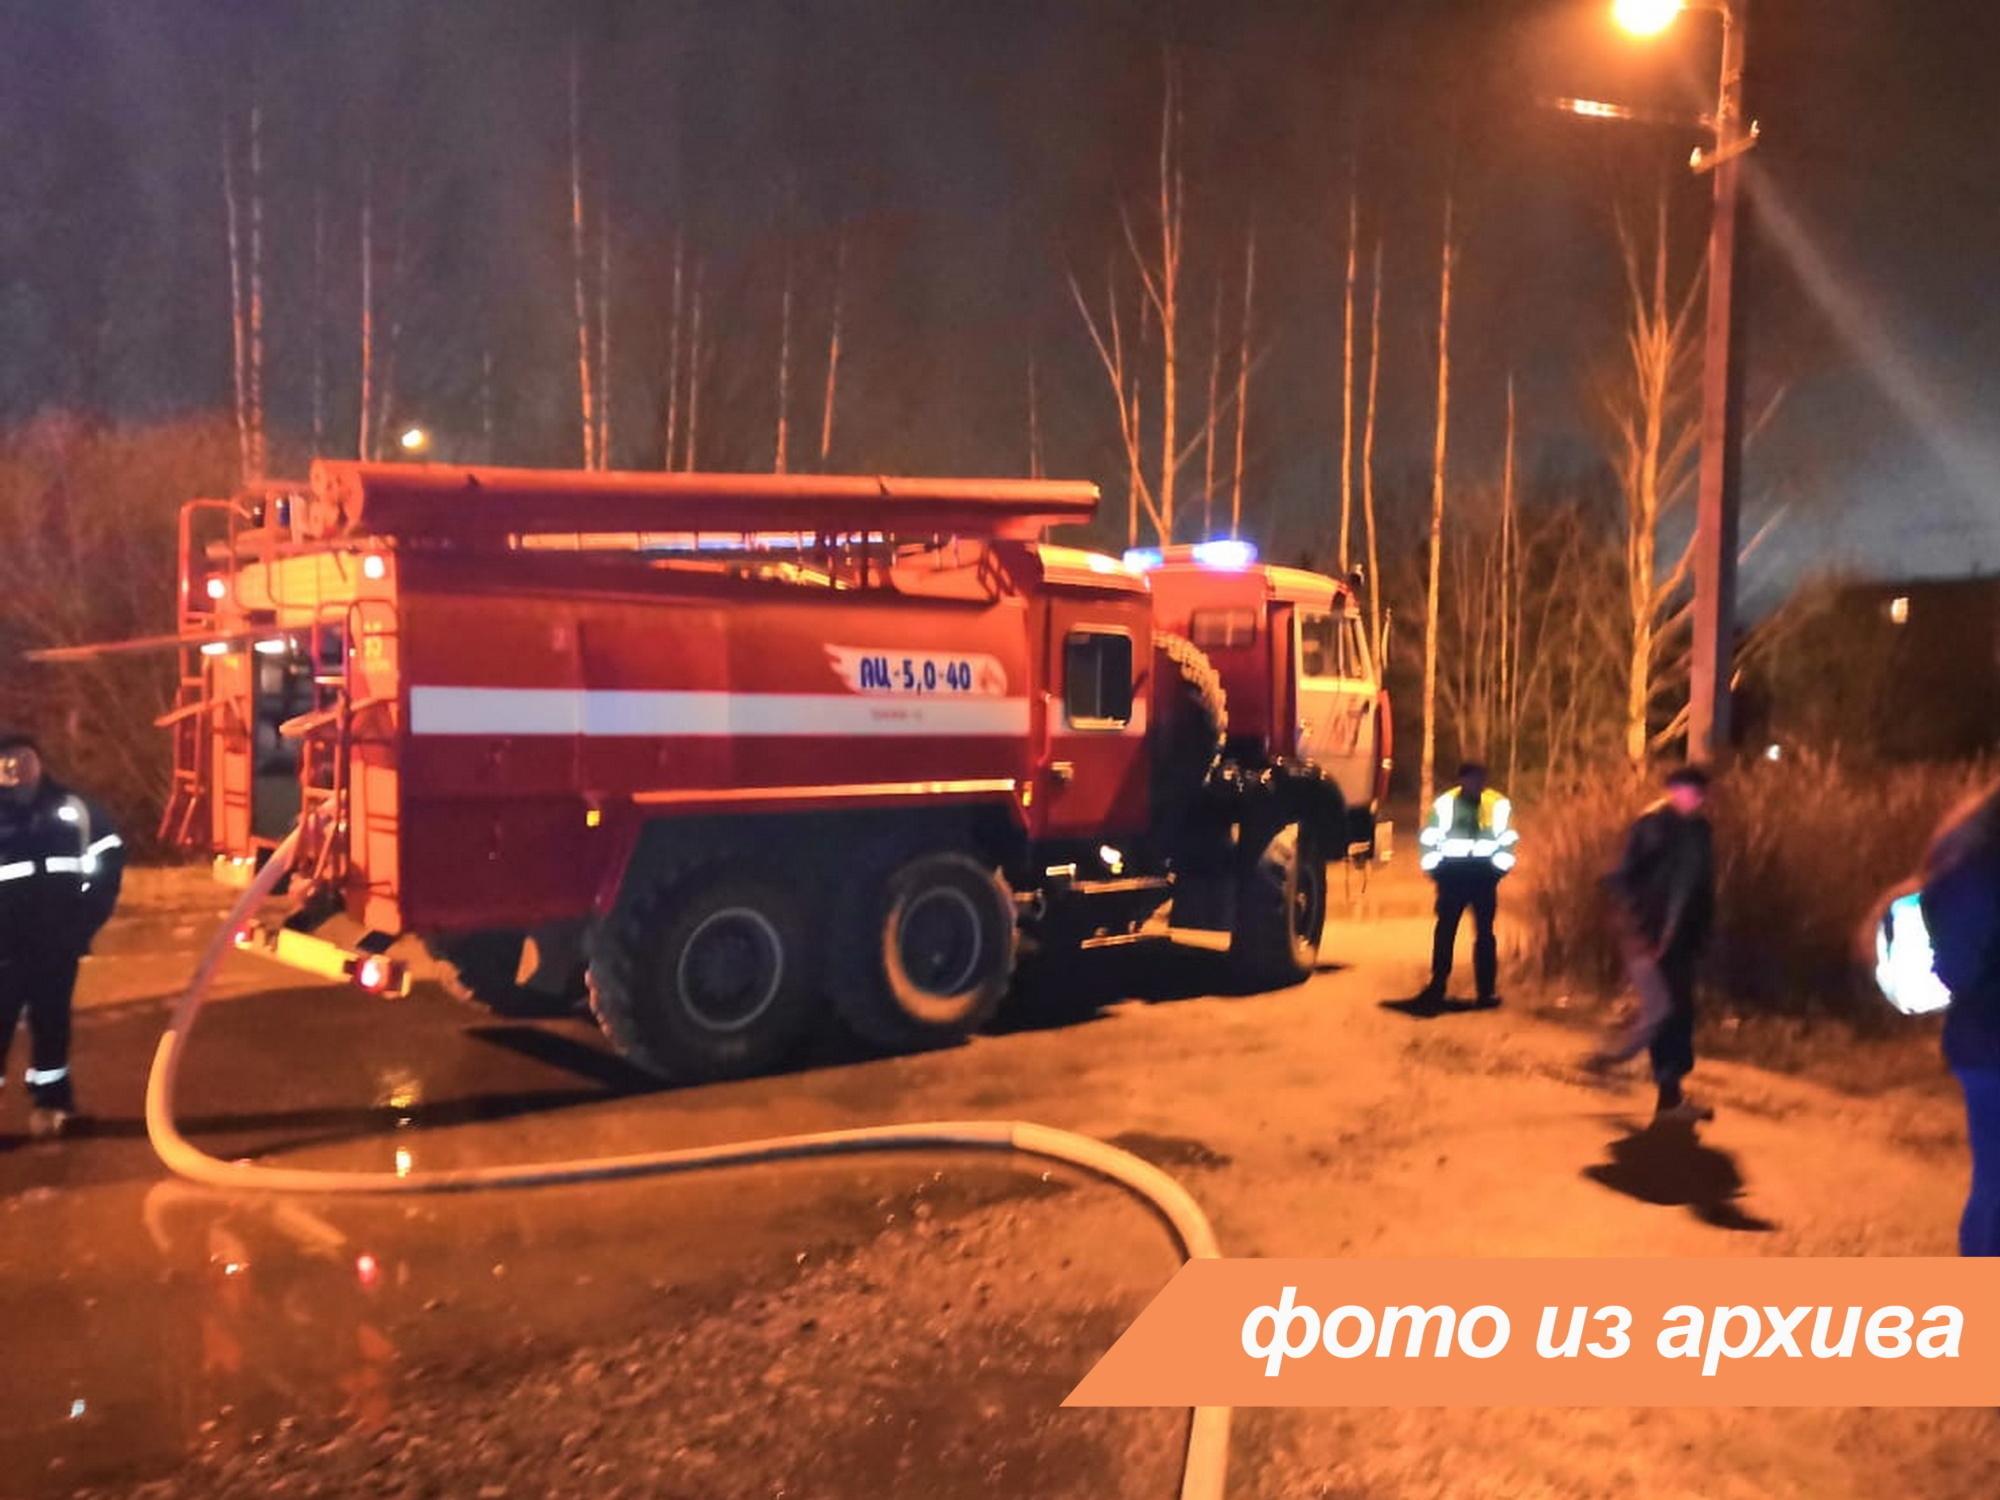 Пожарно-спасательные подразделения ликвидировали пожар в городе Всеволожск